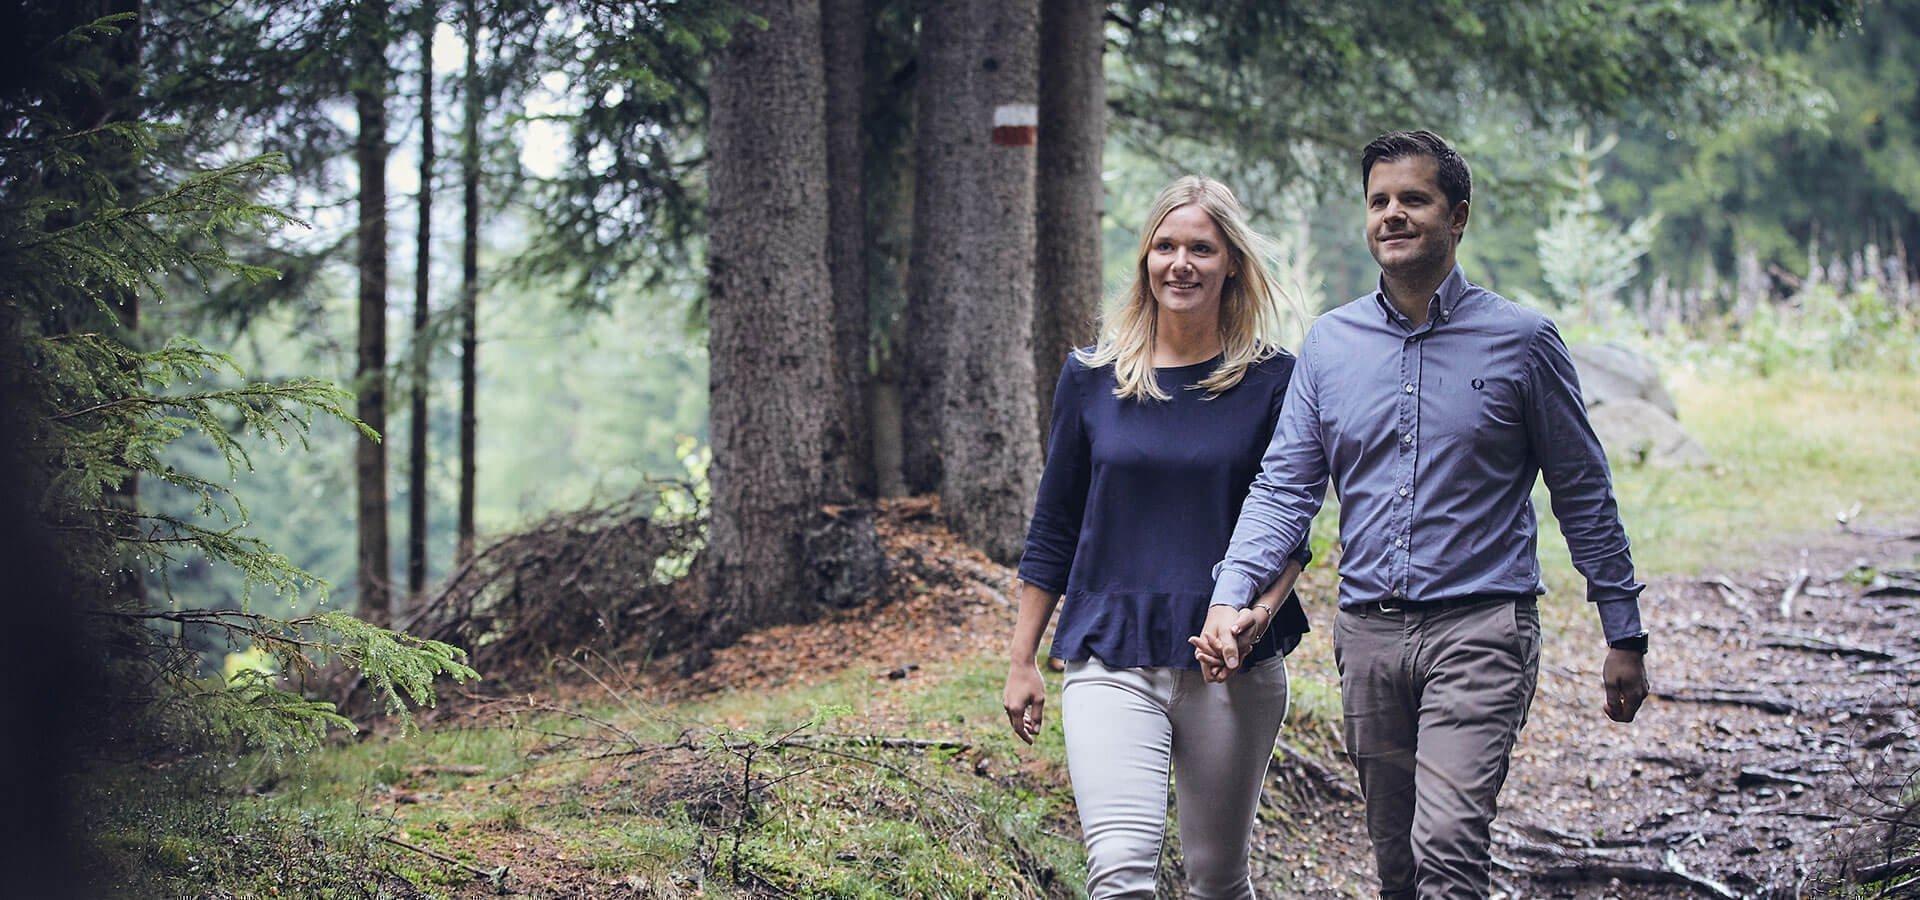 Hosts | Bettina Weger & Daniel  Fischnaller